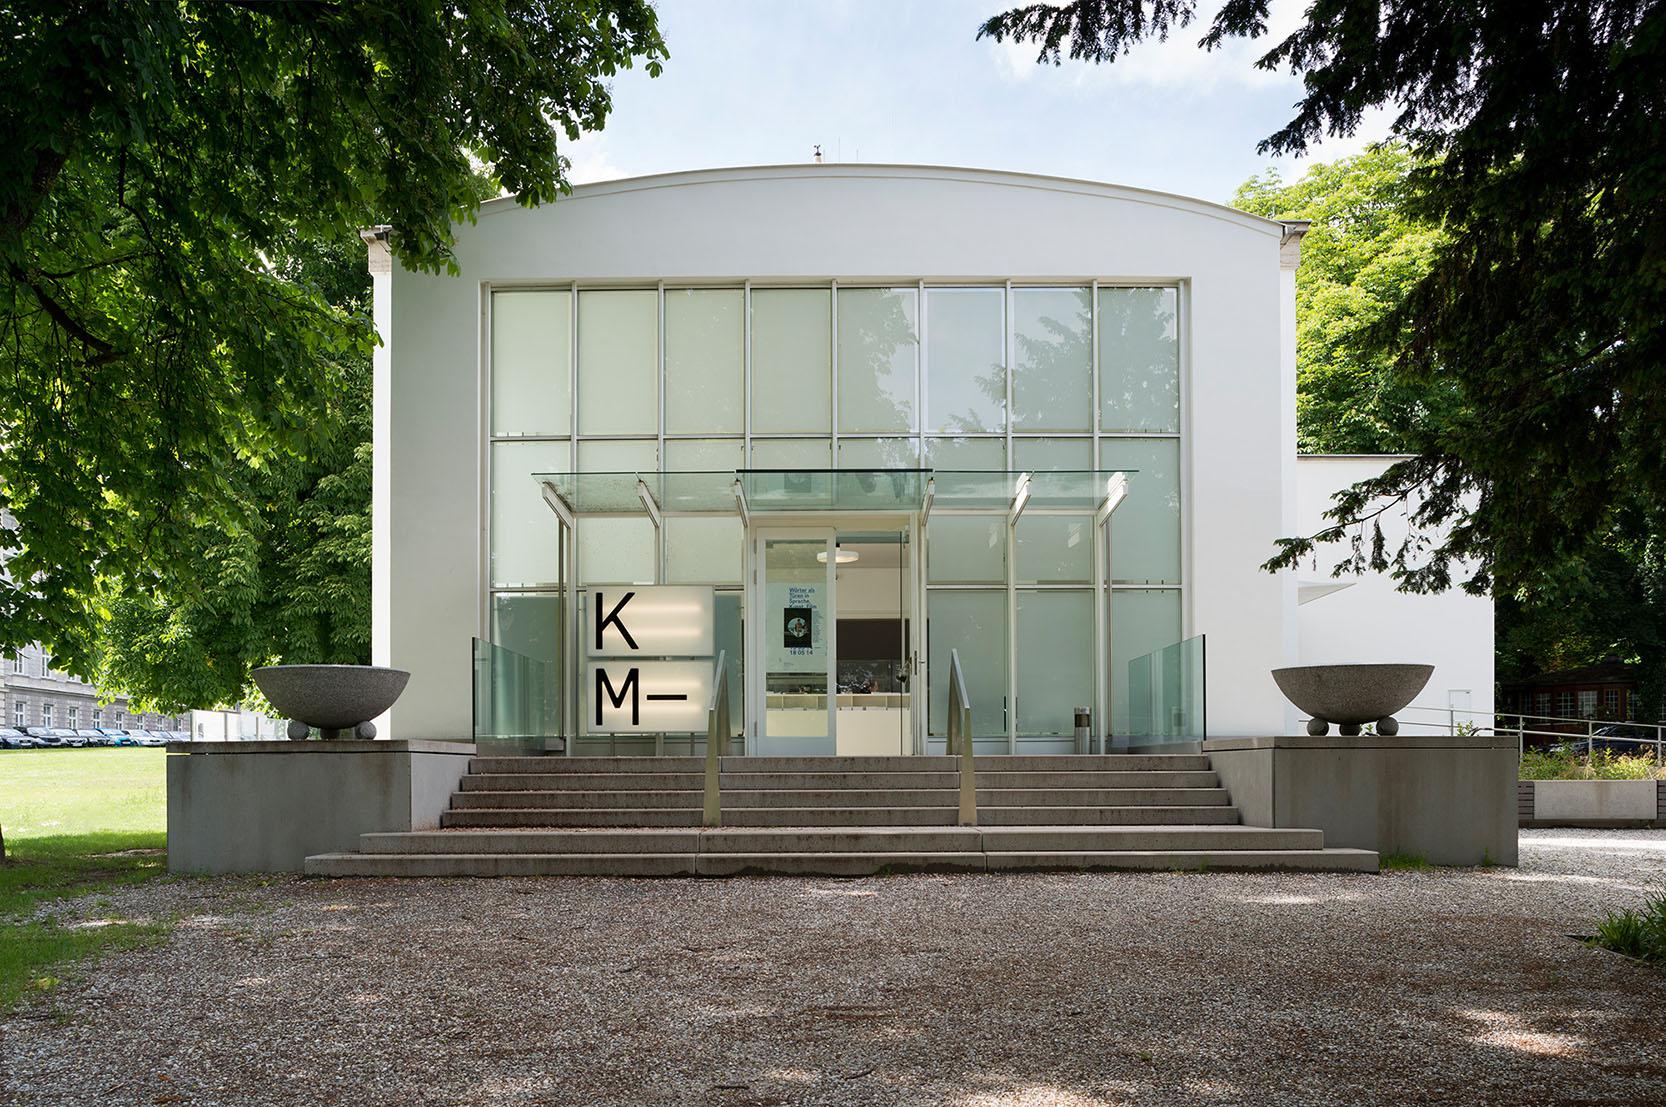 graz-kunstlerhaus-halle-fur-kunst-medien2